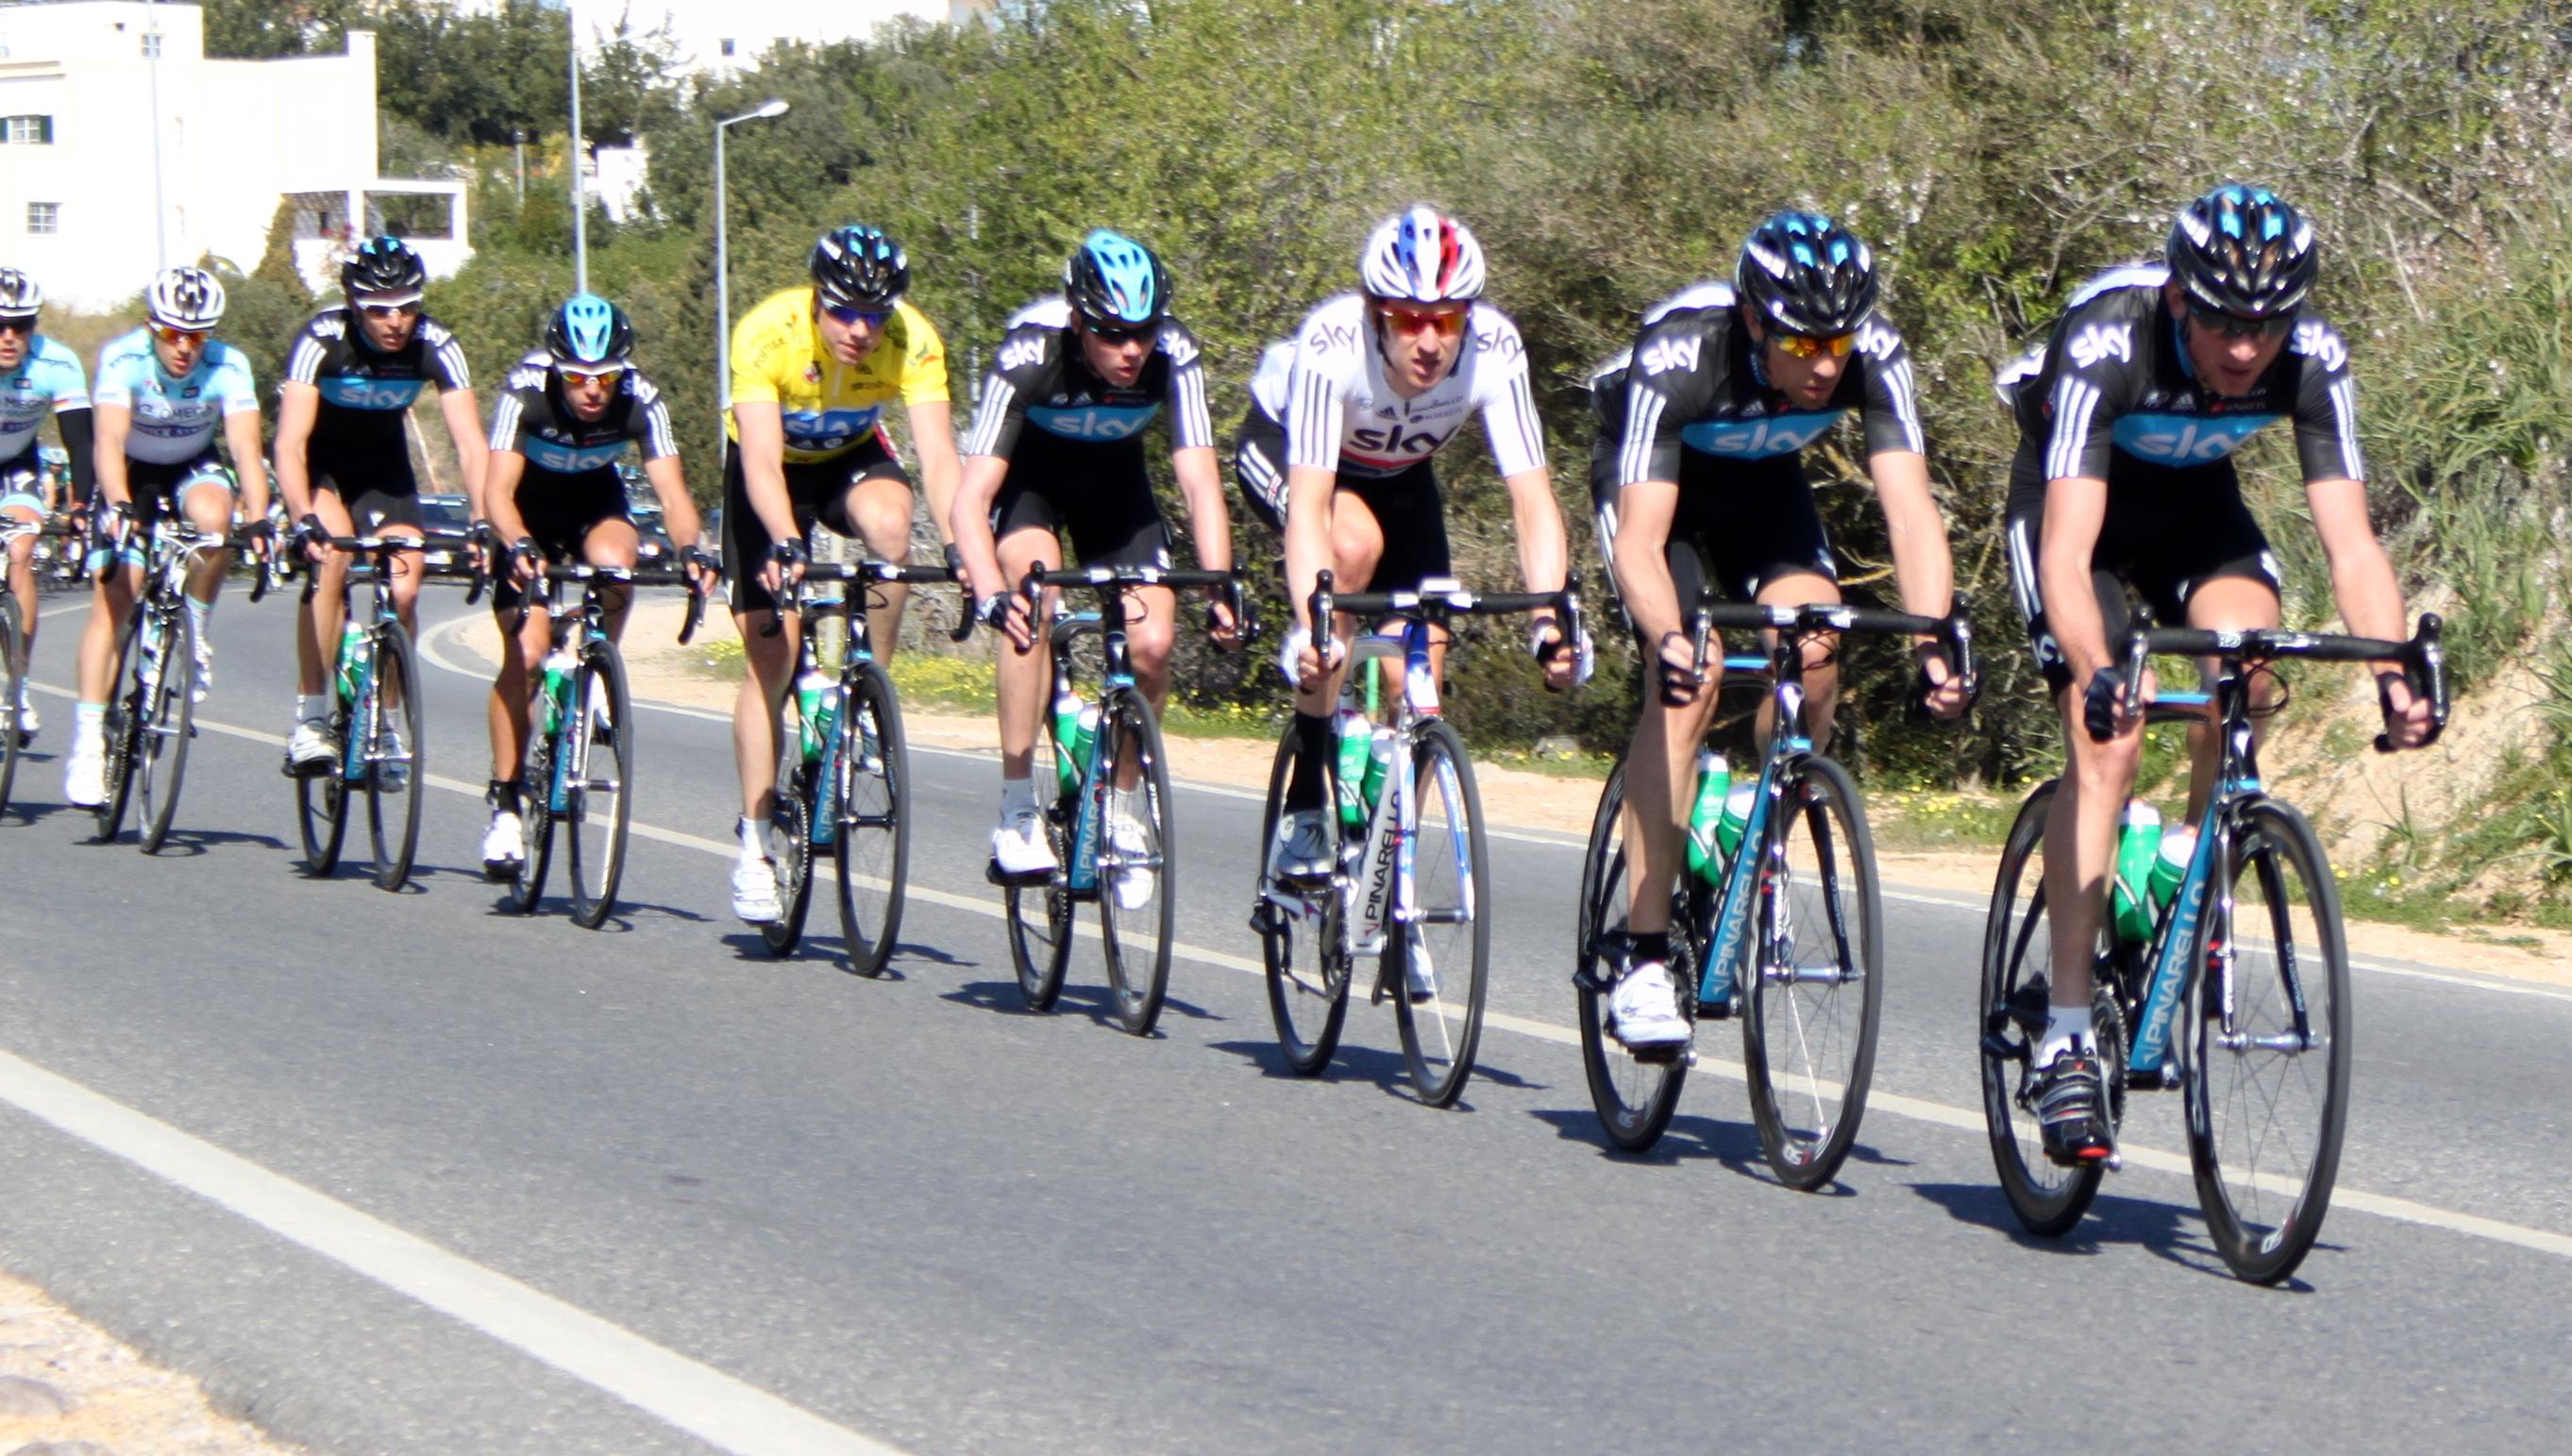 Team Sky Tour Riders